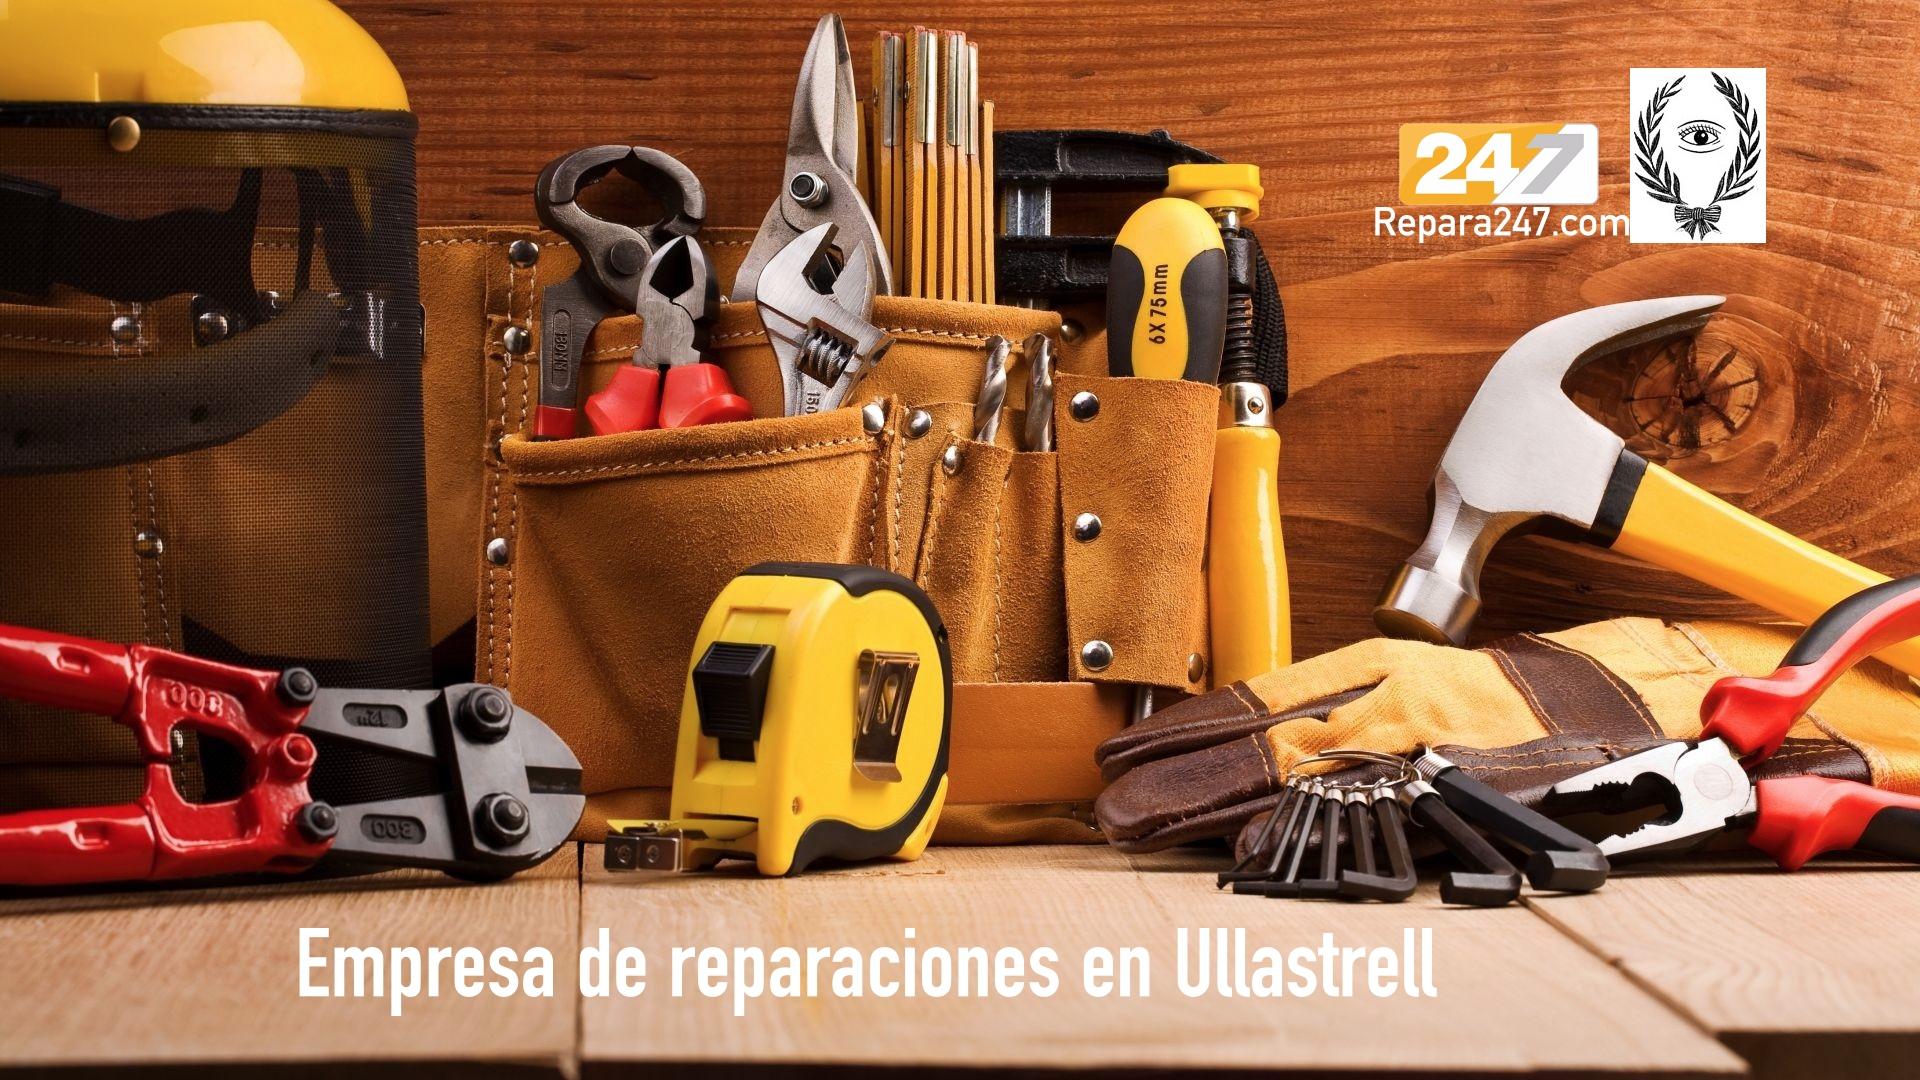 Empresa de reparaciones en Ullastrell